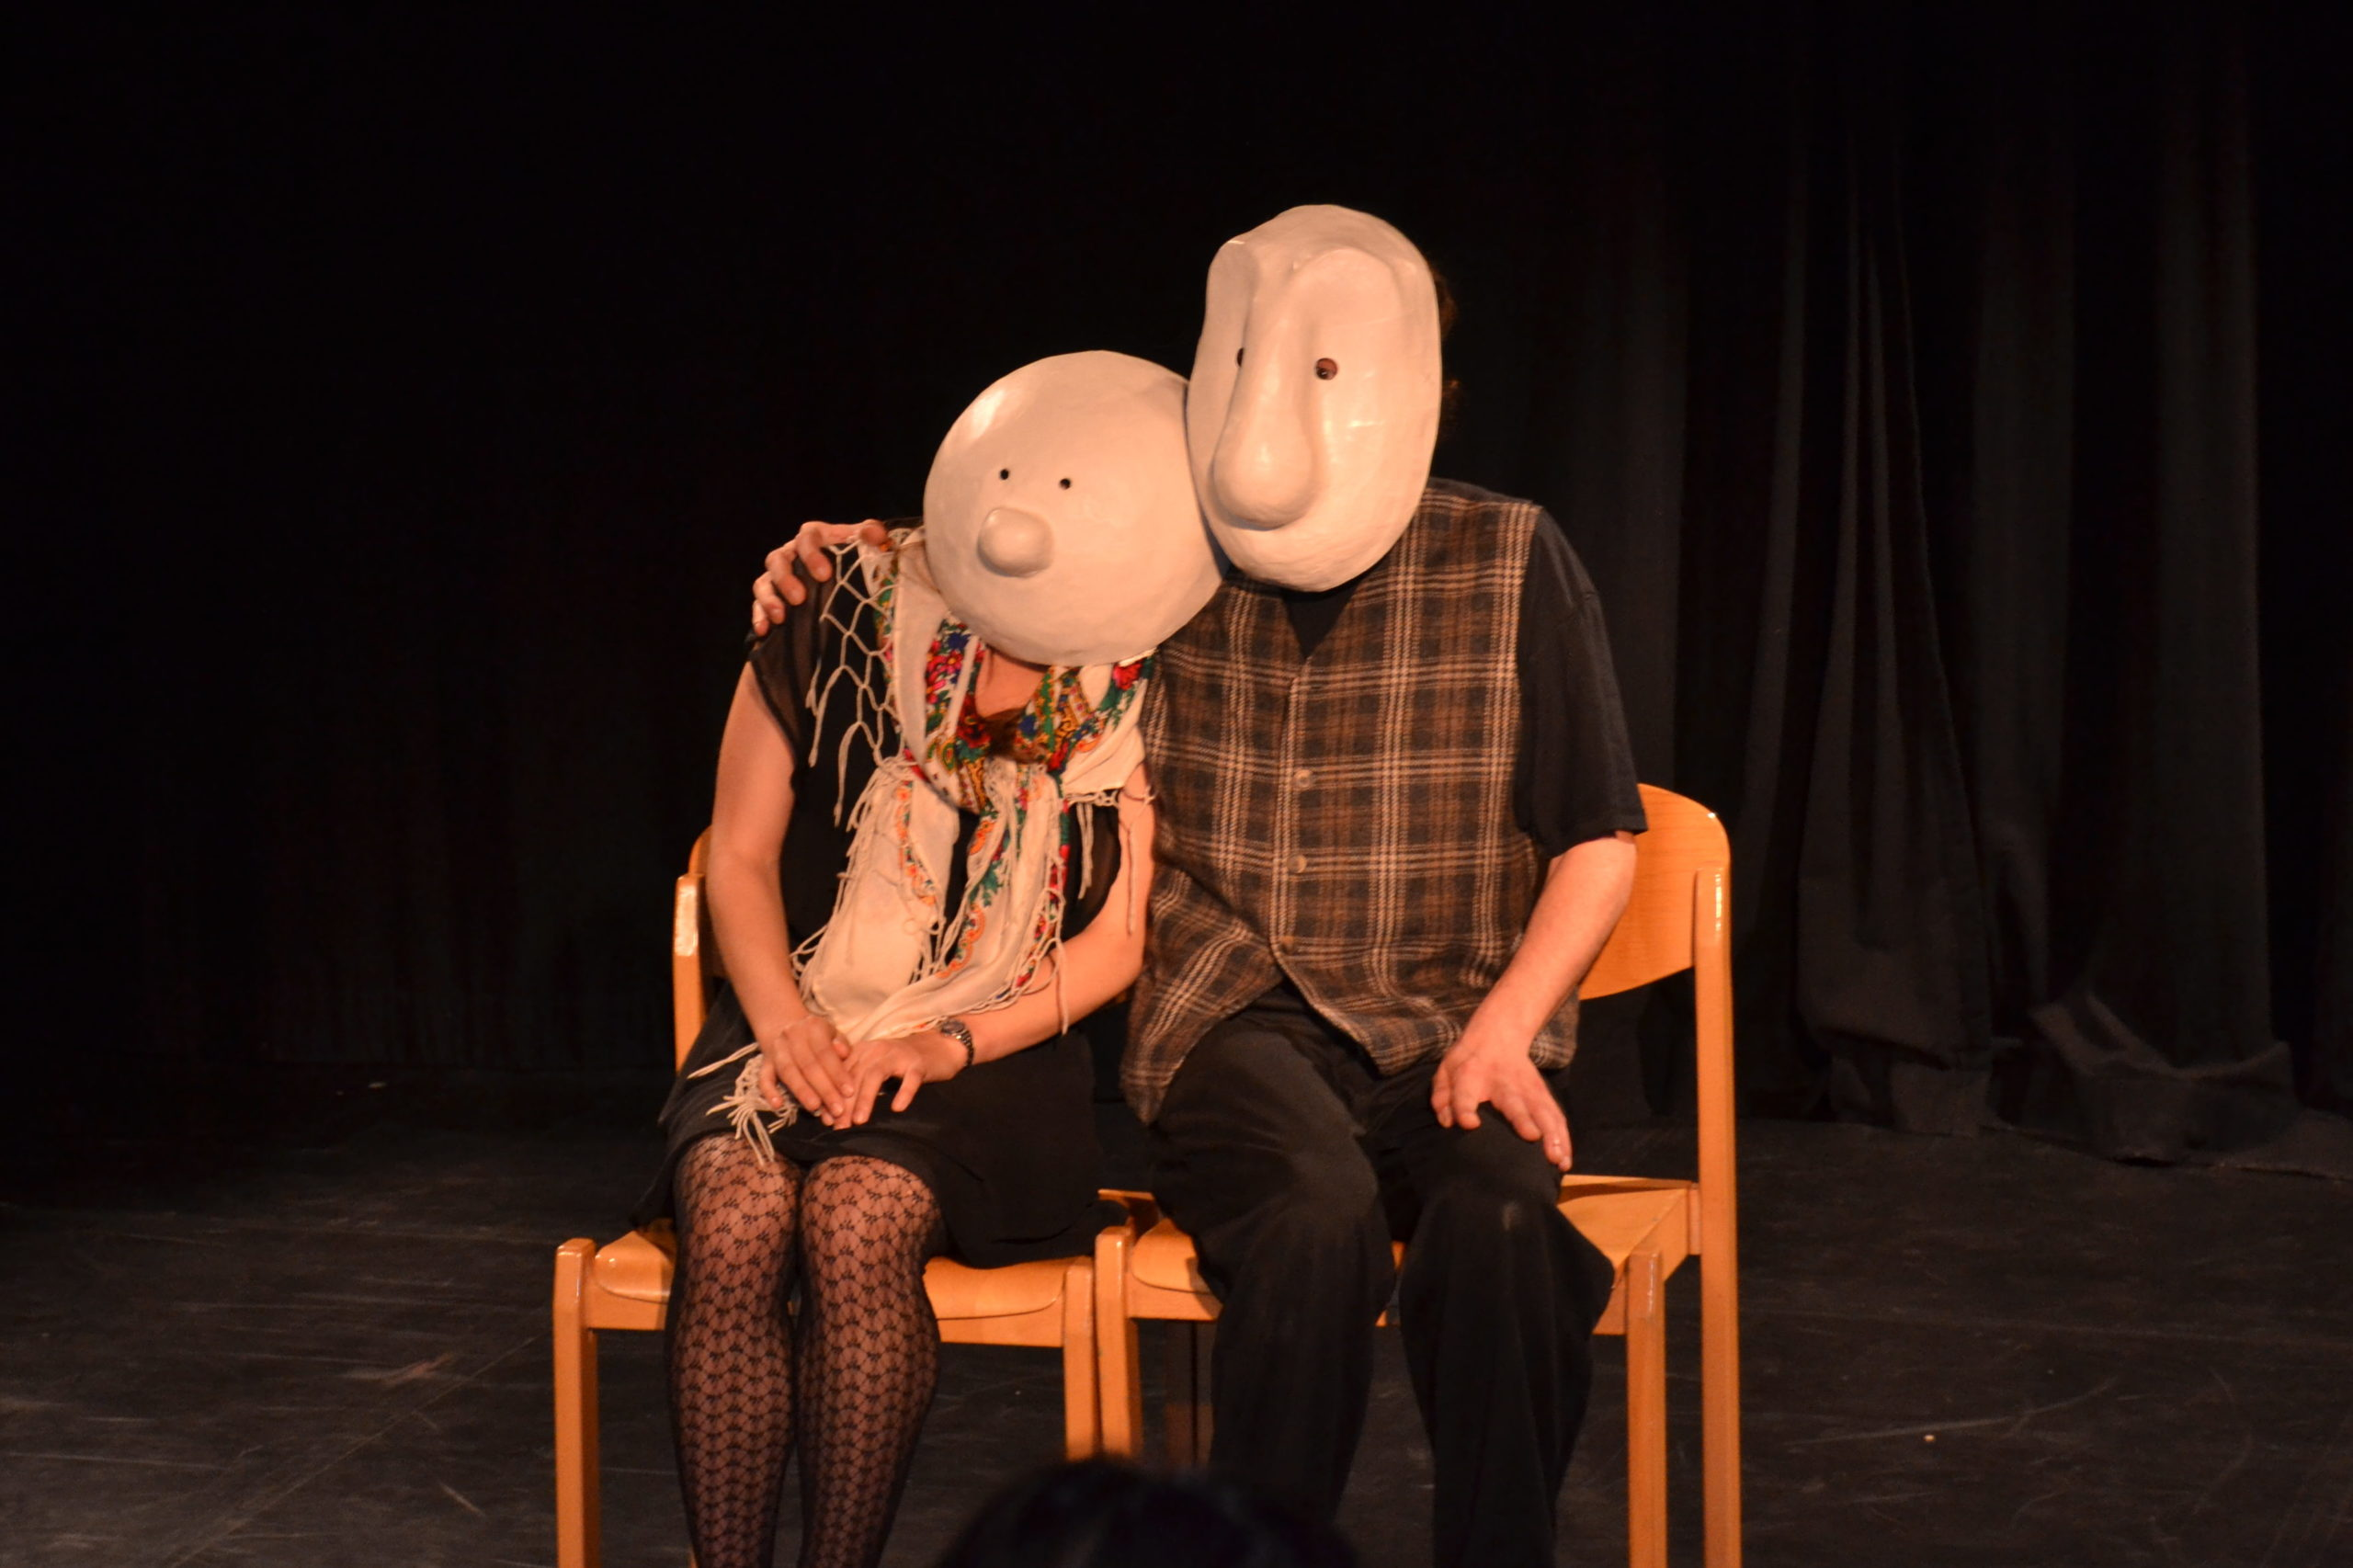 Photo de spectacle montrant deux masques larvaires amoureux et enlacés